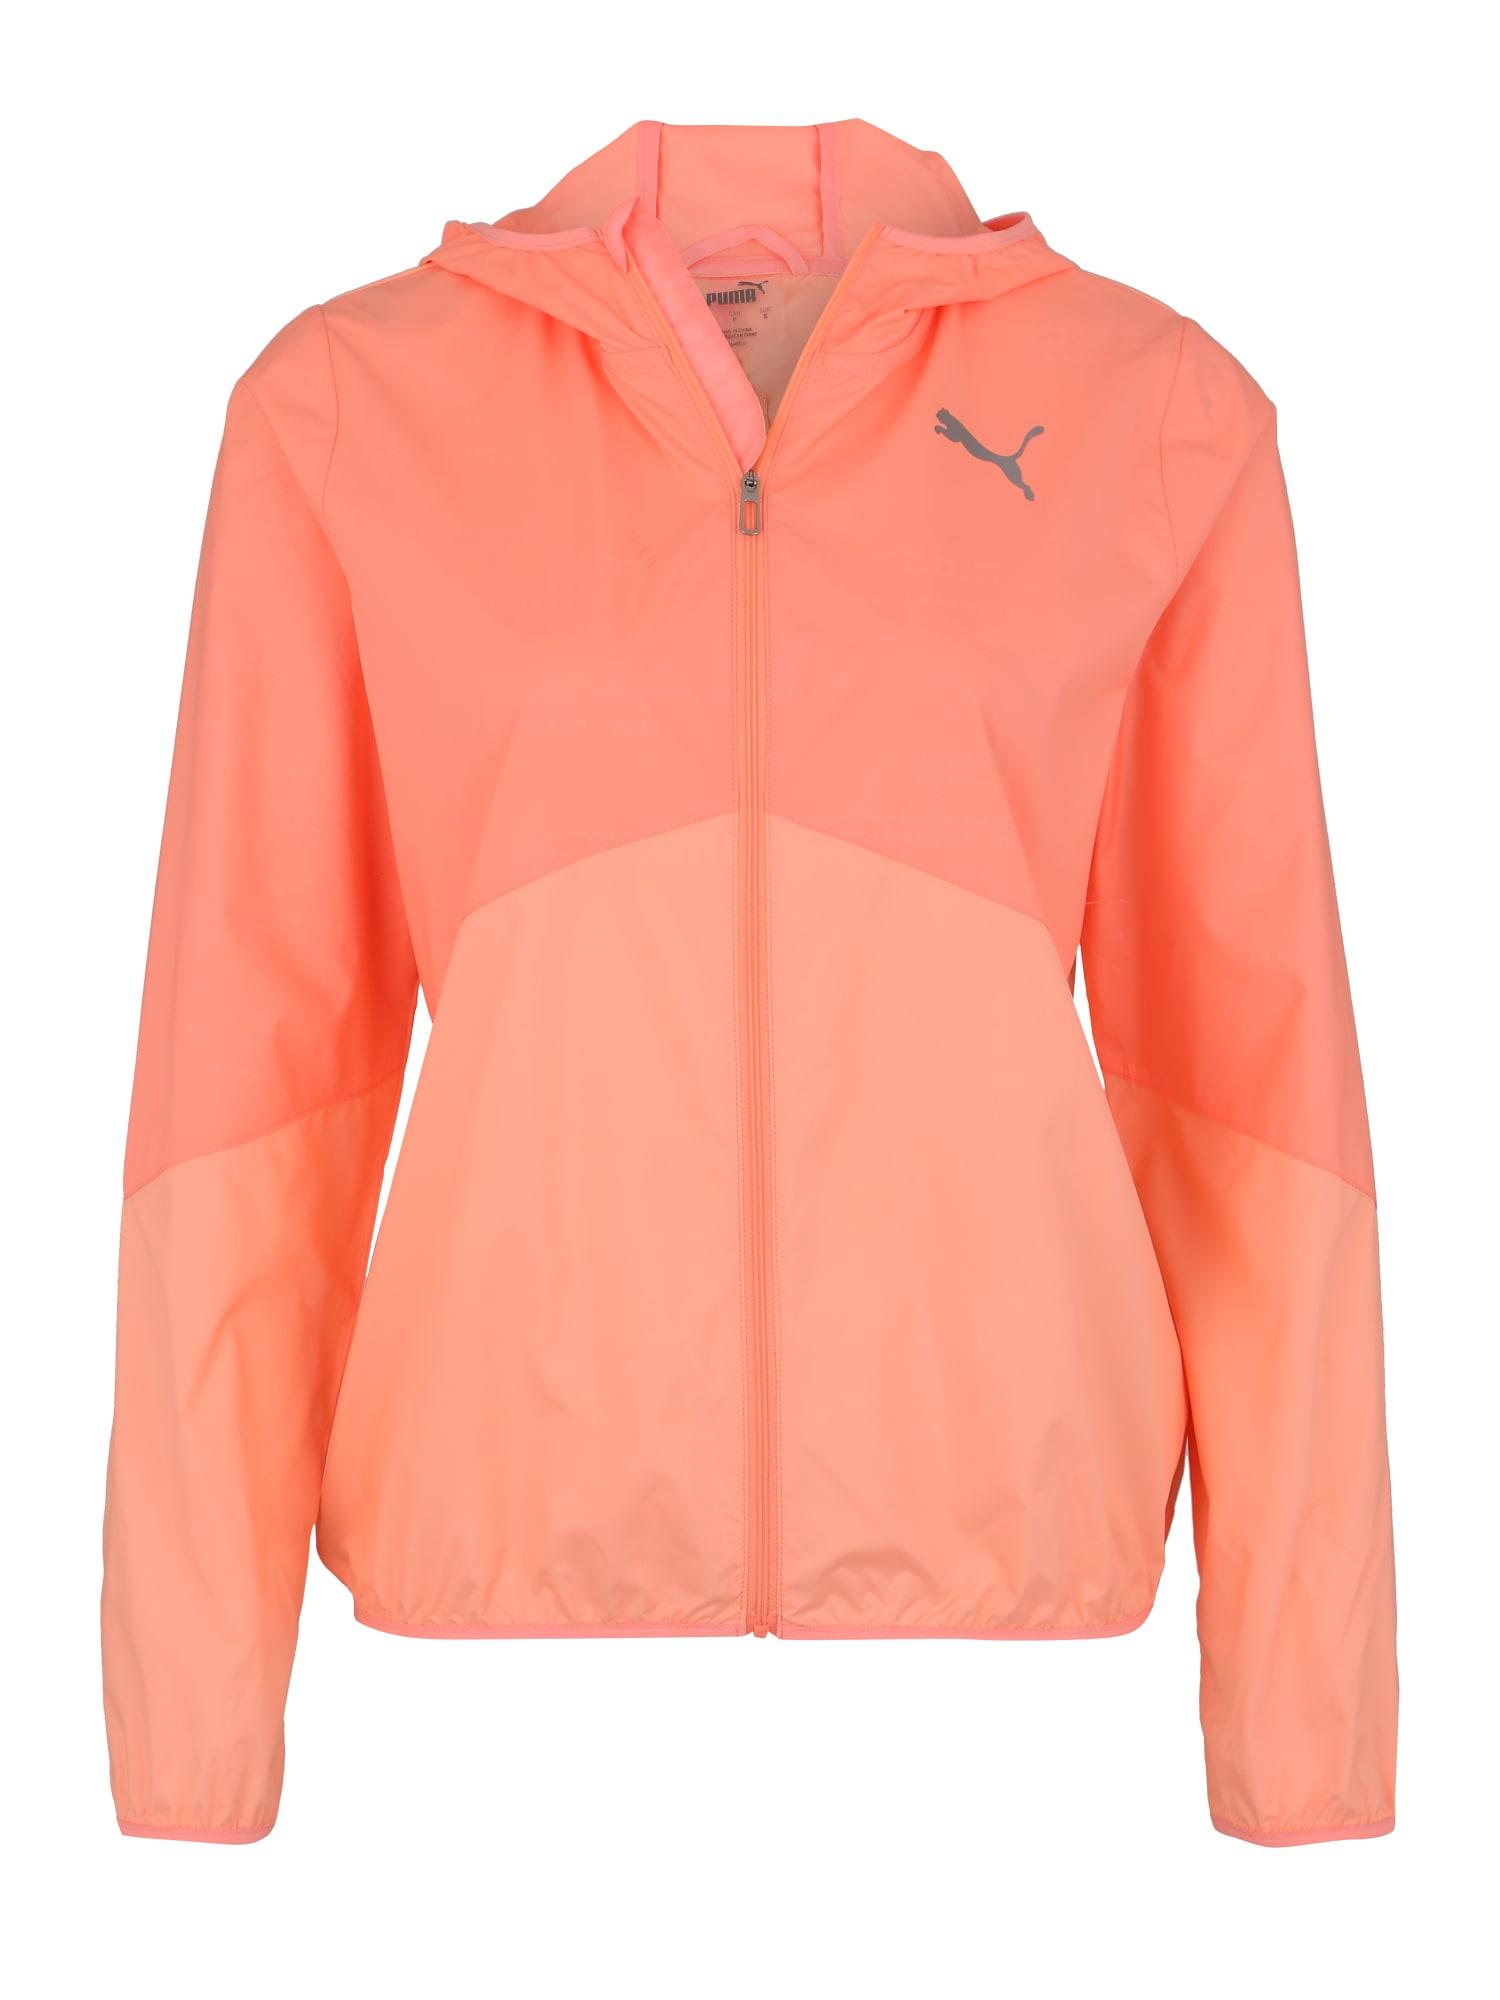 Sportovní bunda Ignite korálová pastelově oranžová PUMA